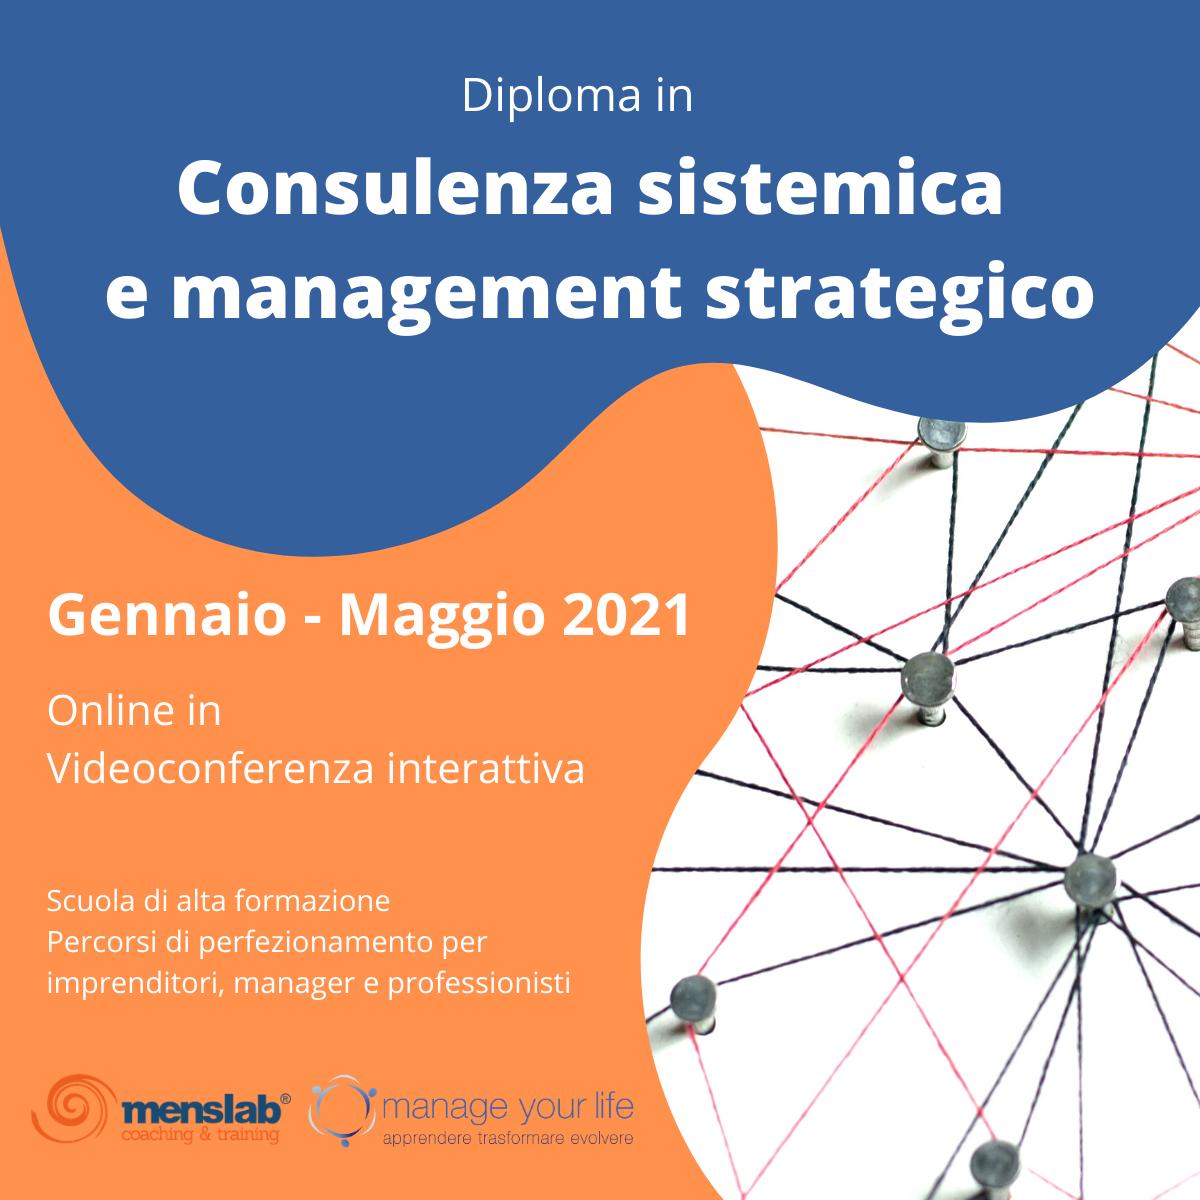 Consulenza_sistemica_management_strategico